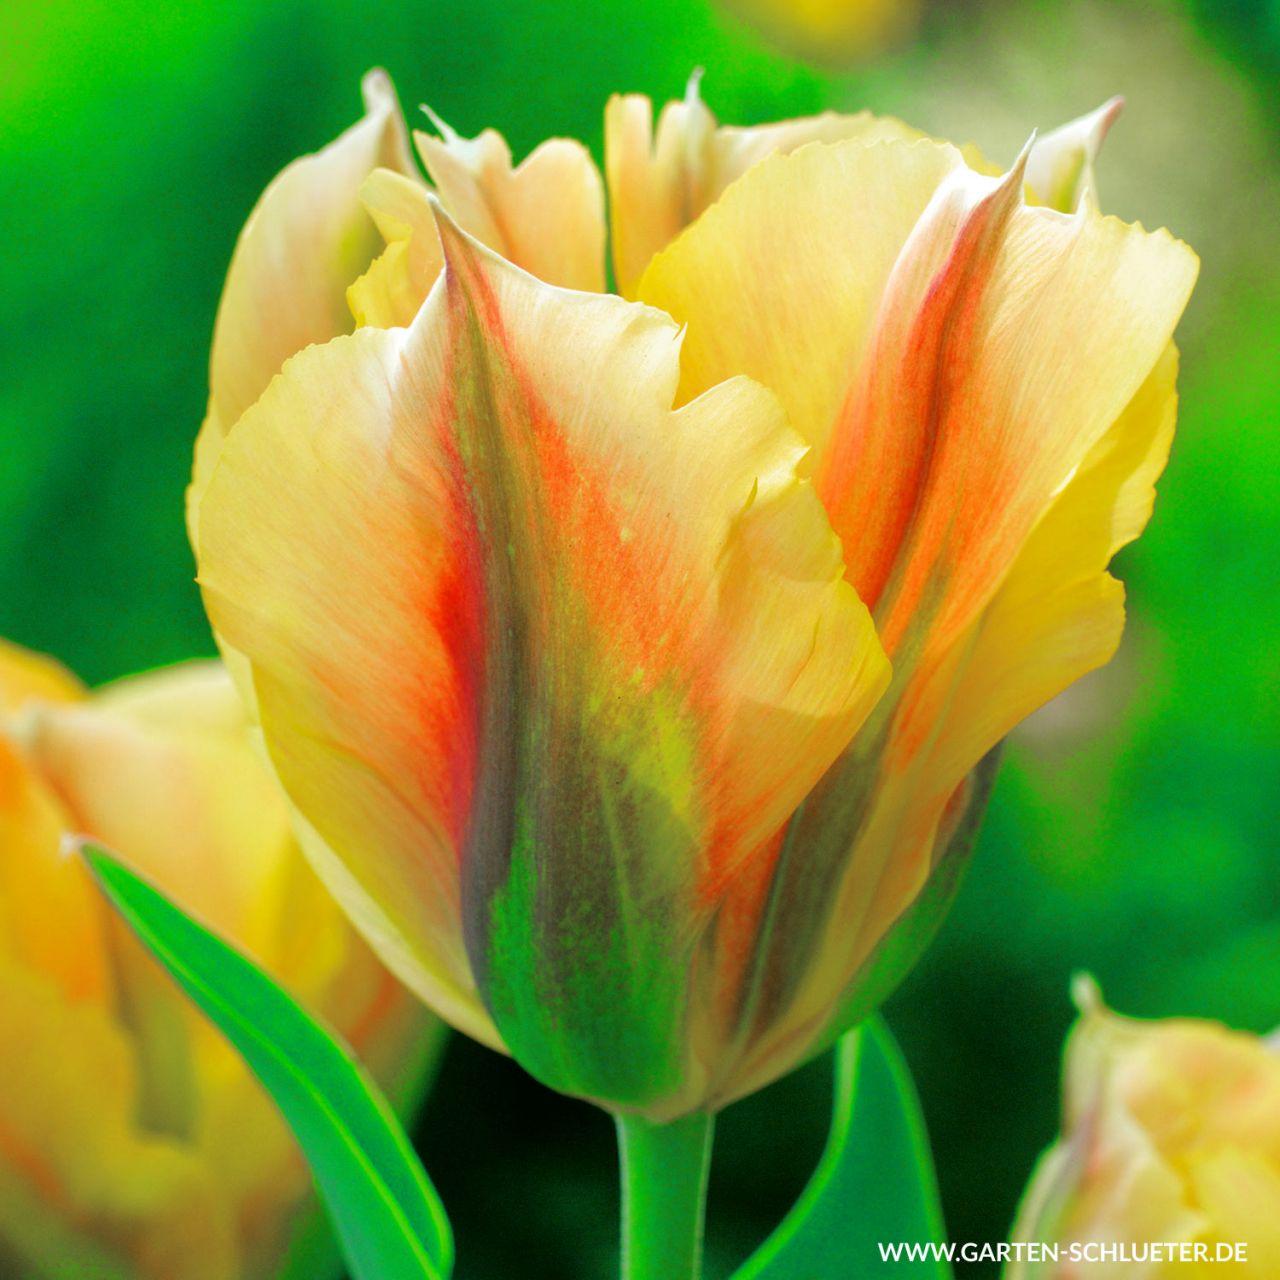 Viridiflora Tulpe 'Golden Artist' - 7 Stück